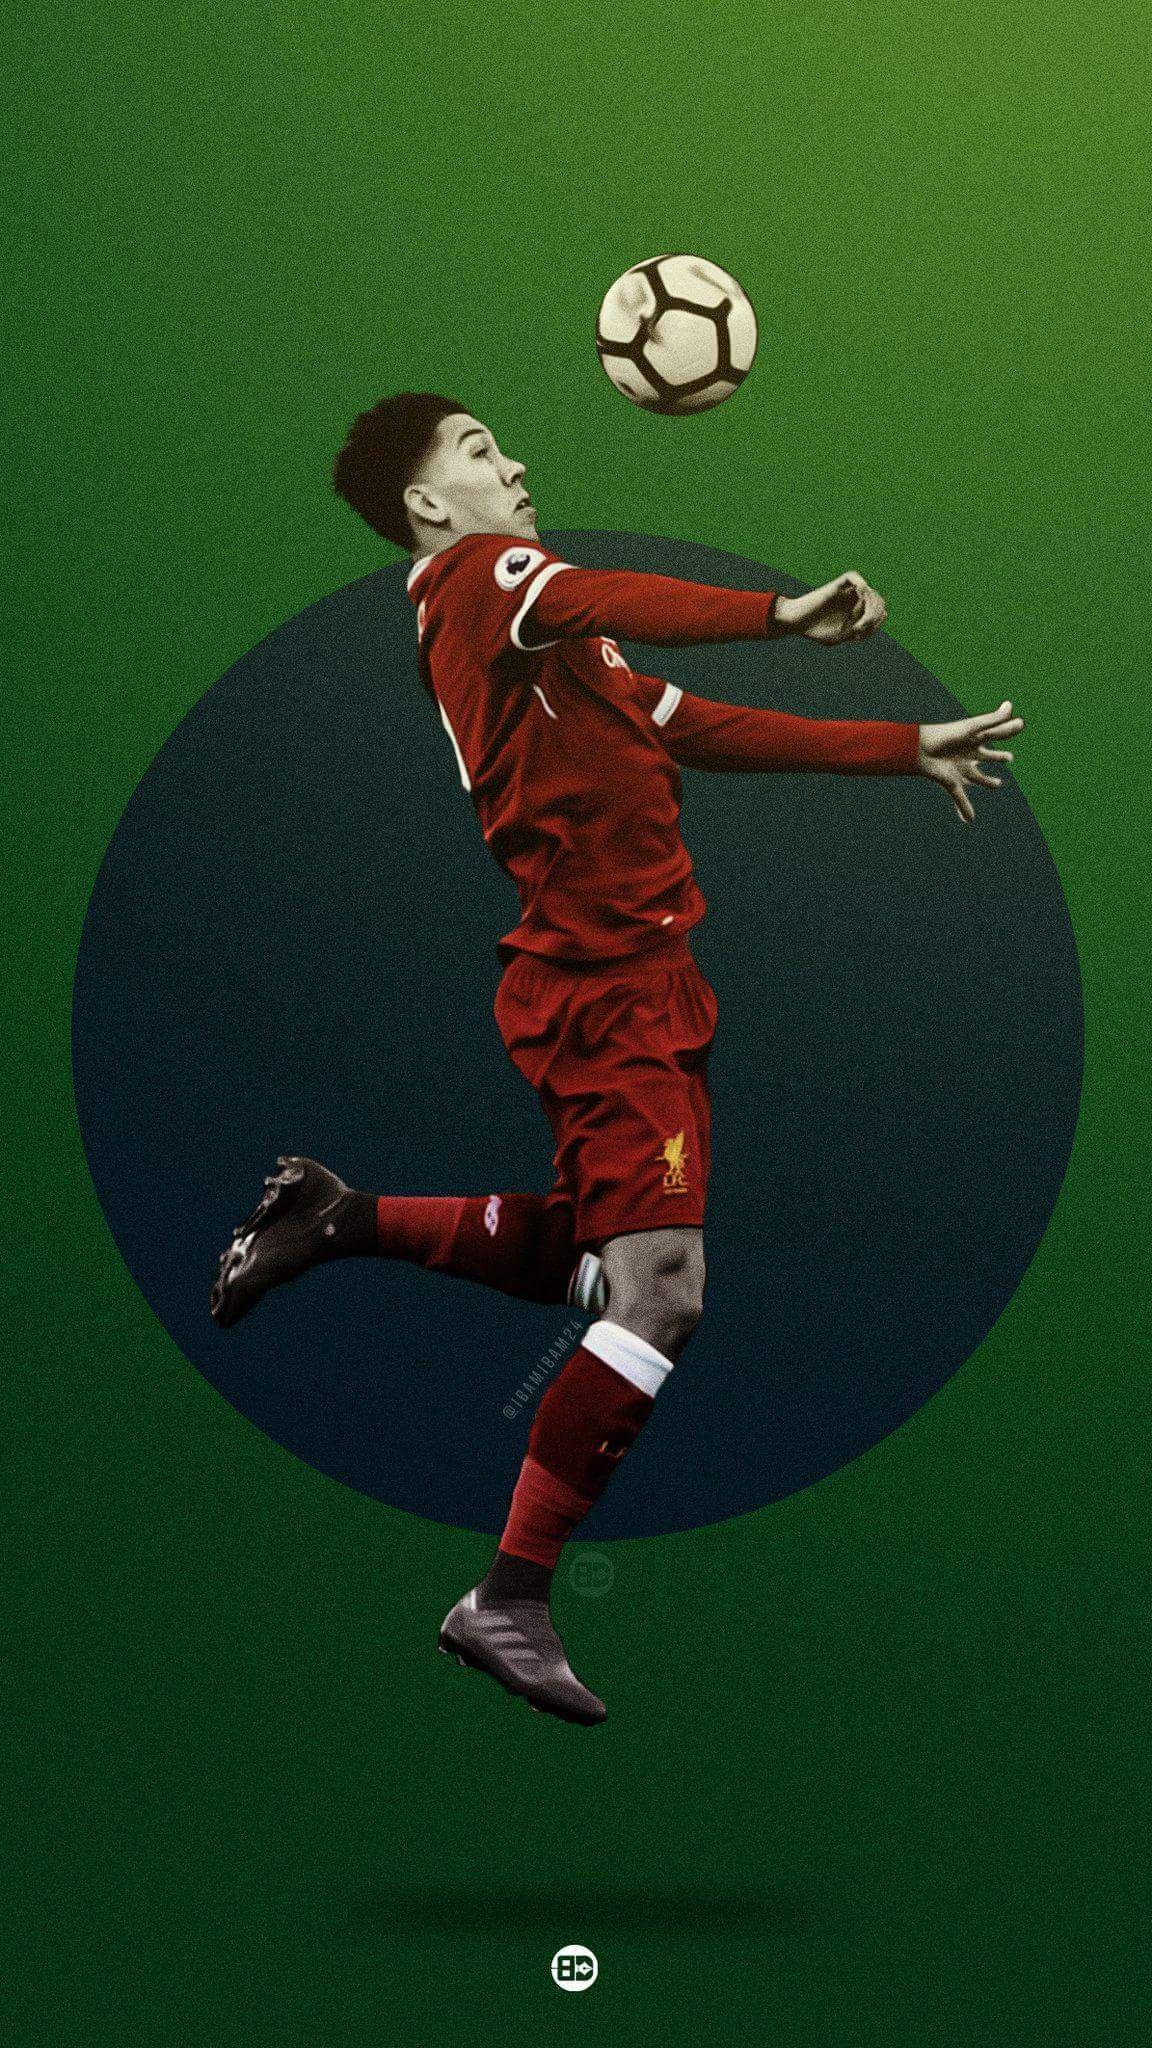 Pin De Tao Manchester En Firmino Frases Motivadoras De Futbol Roberto Firmino Futbol